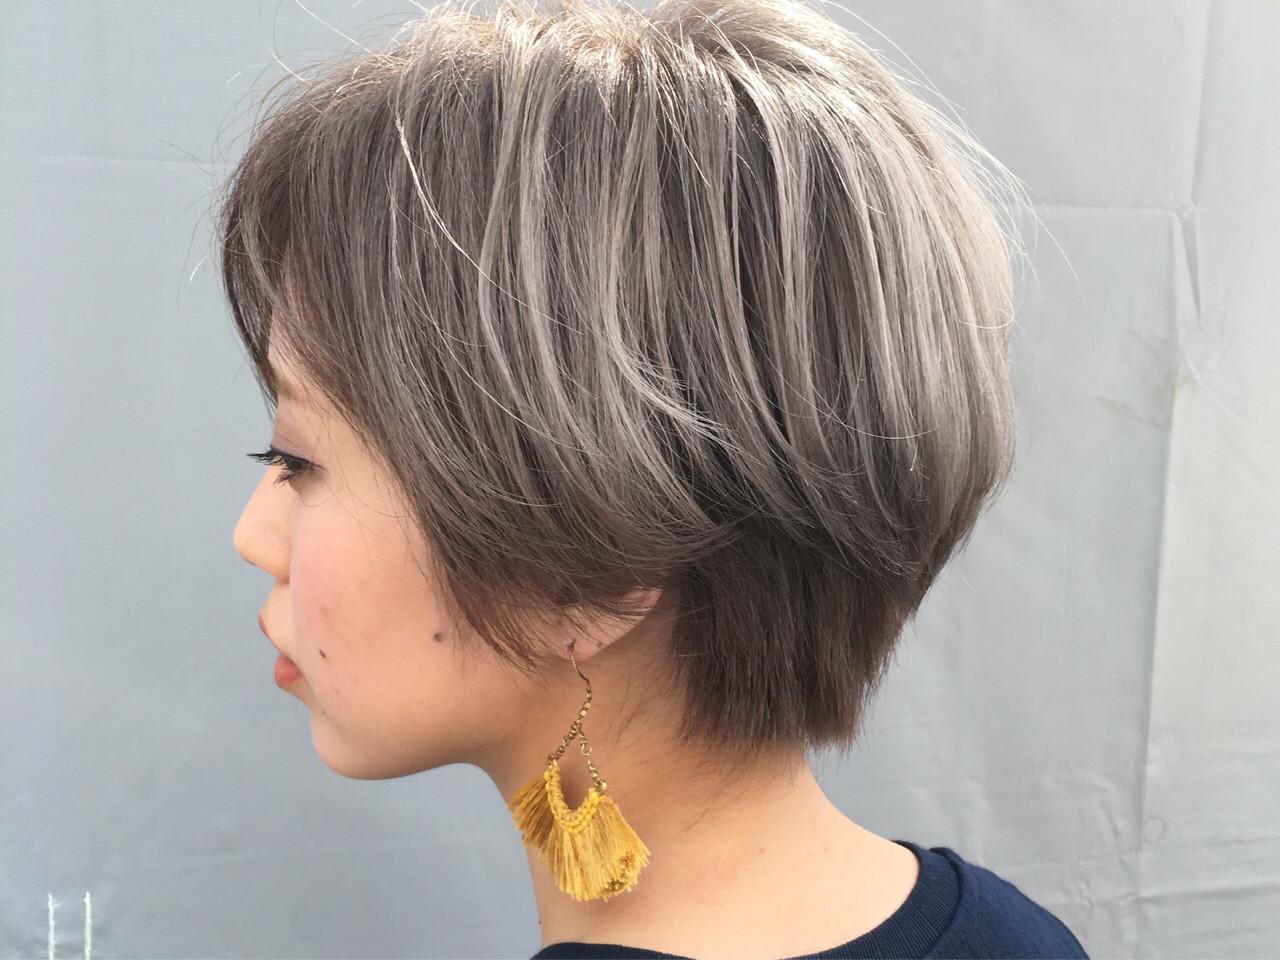 モード ホワイトアッシュ ハイトーン グレージュ ヘアスタイルや髪型の写真・画像